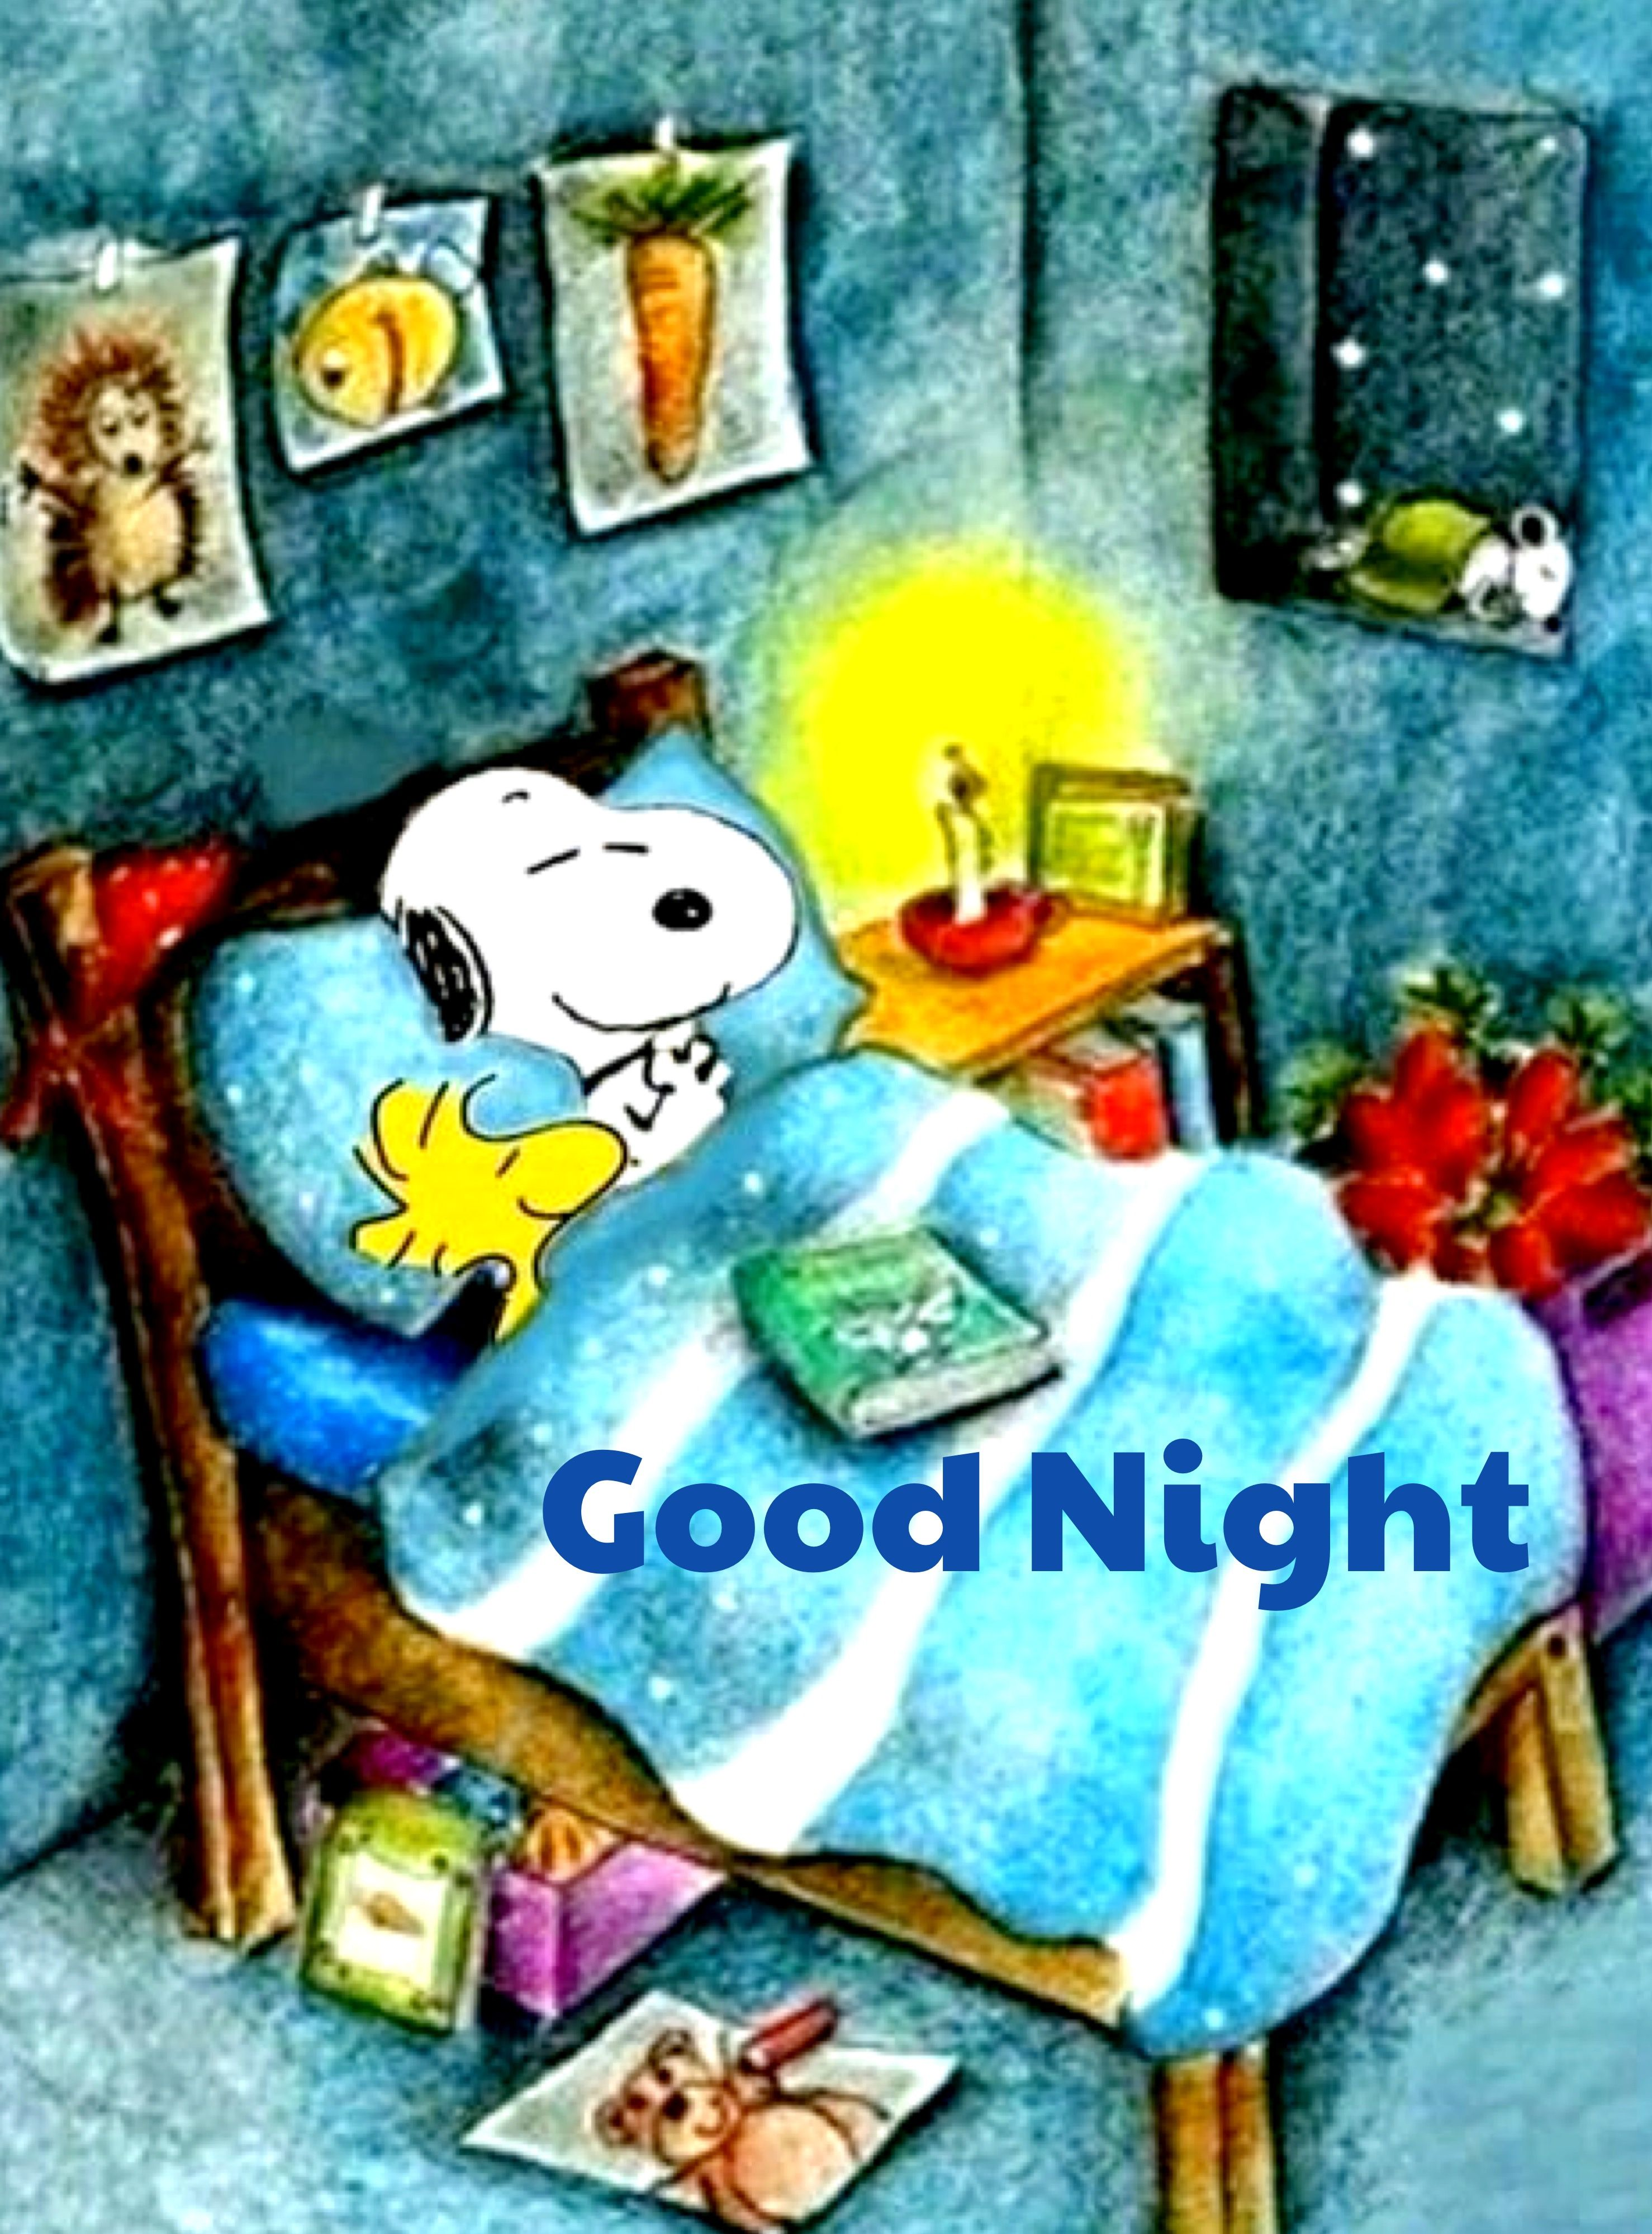 Pin Von Jani Auf Snoopy Gute Nacht Gute Nacht Grüße Und